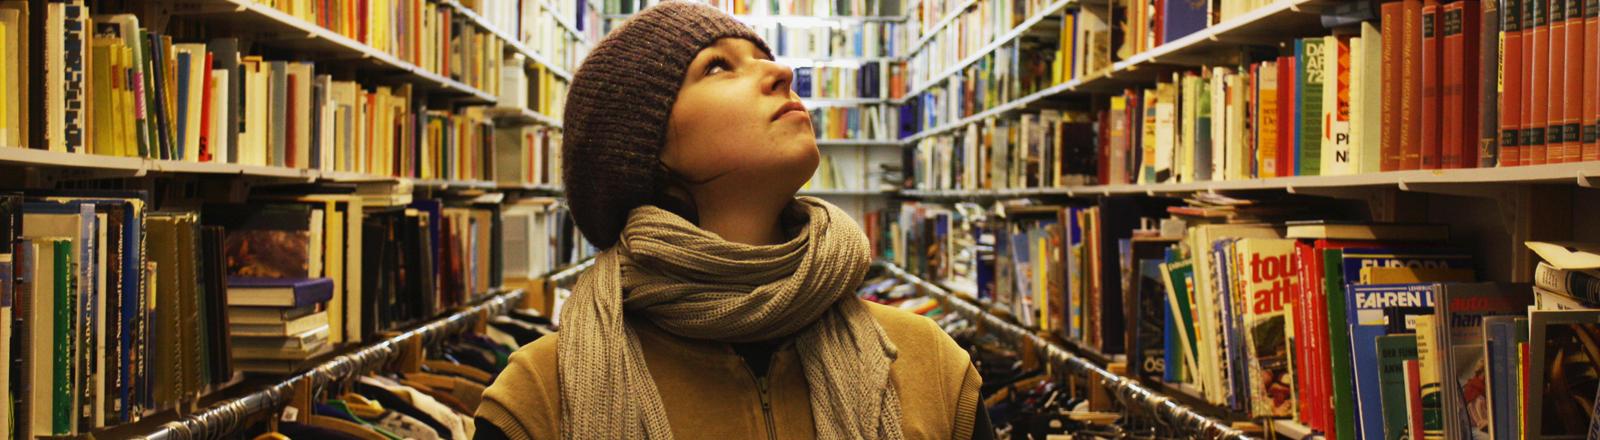 Eine Frau in einer Bibliothek zwischen viele Büchern.